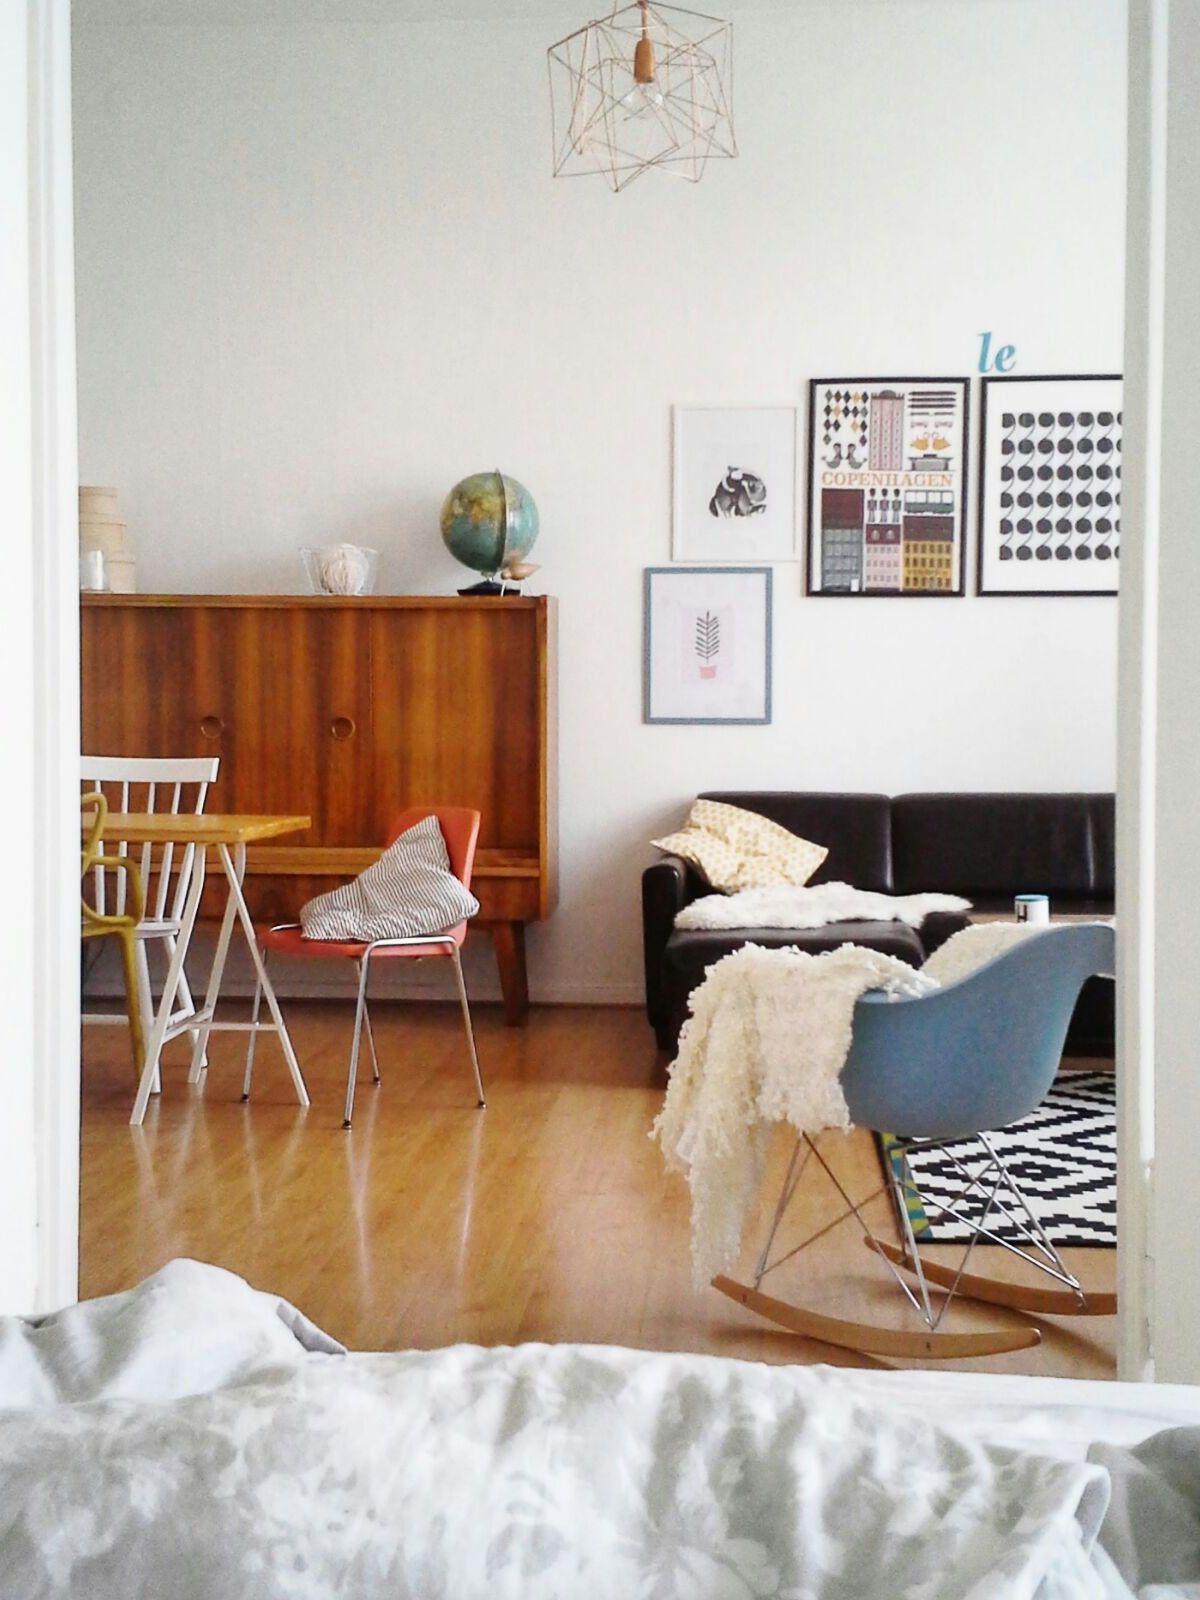 die hang it all garderobe 40 bilder aus echten wohnungen. Black Bedroom Furniture Sets. Home Design Ideas